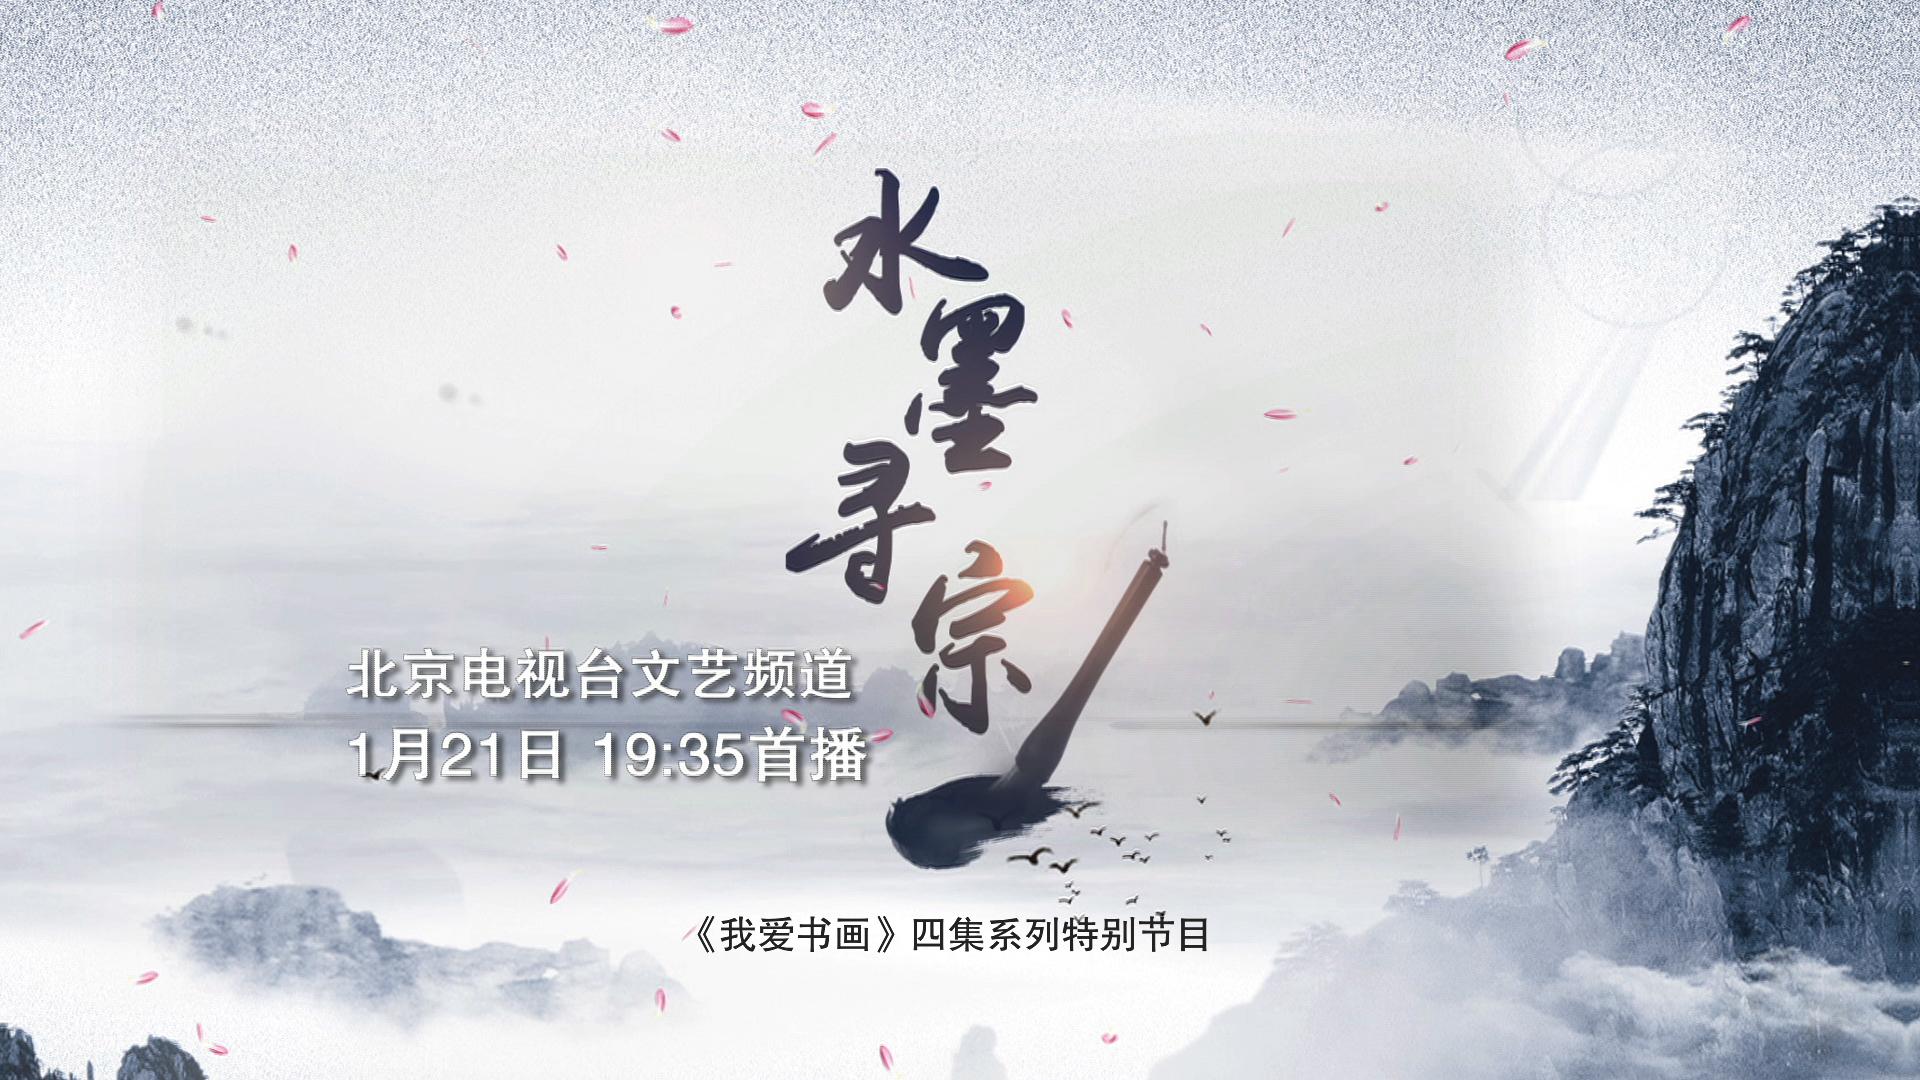 """《我爱书画》首播发布会 """"水墨寻宗""""连通文化筋脉"""